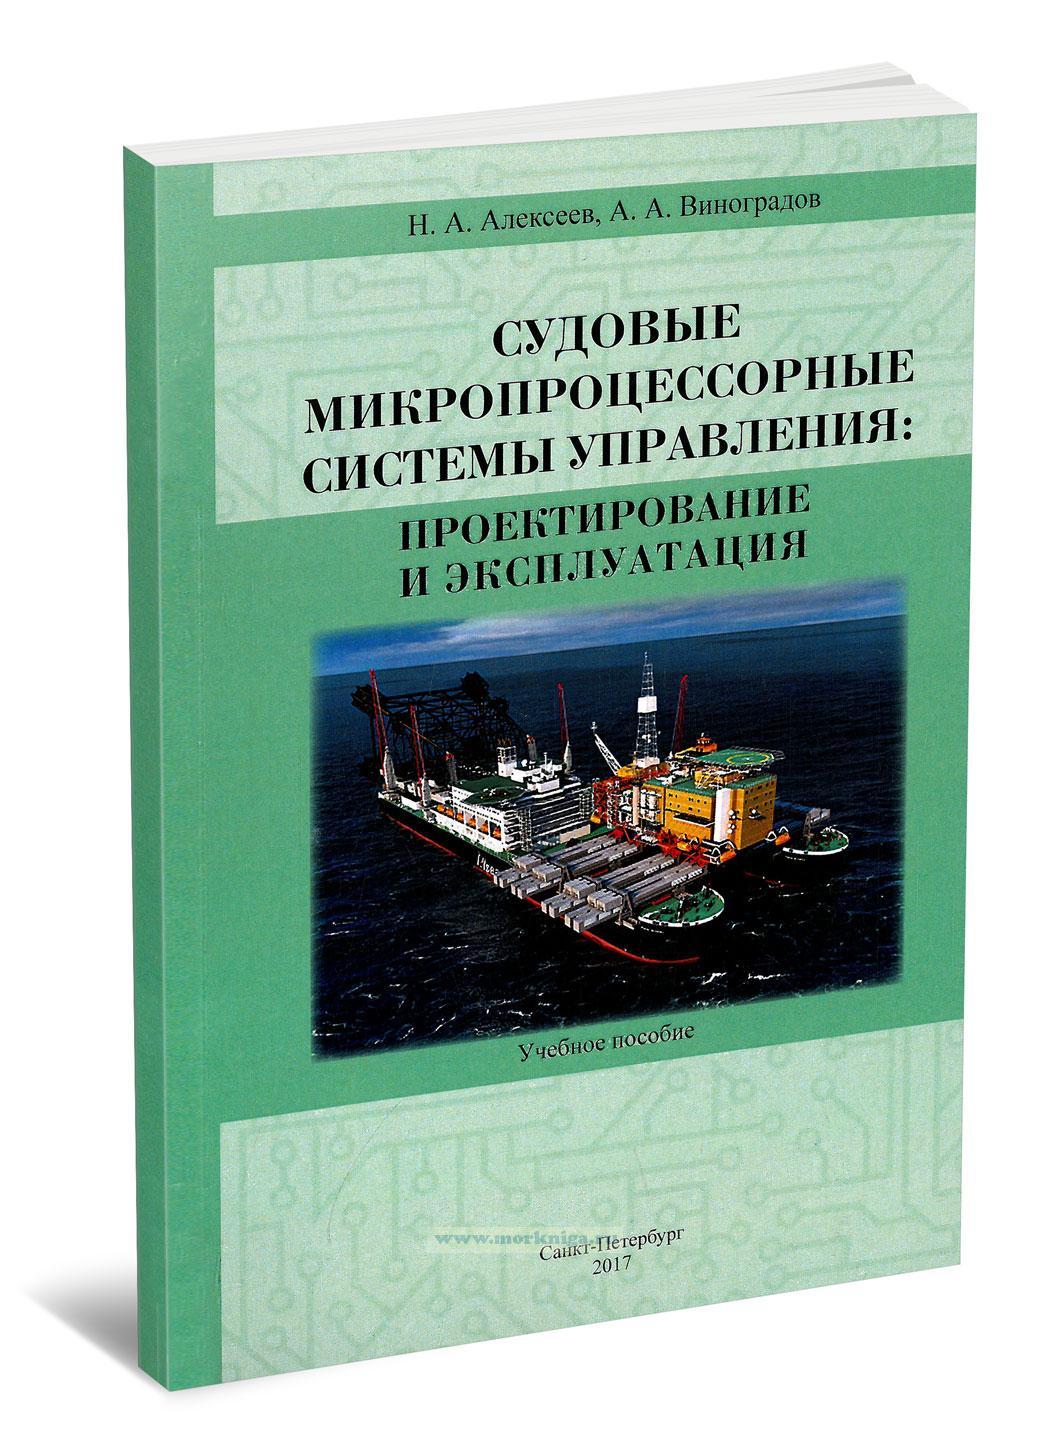 Судовые микропроцессорные системы управления: проектирование и эксплуатация: учебное пособие (2-е издание, исправленное и дополненное)